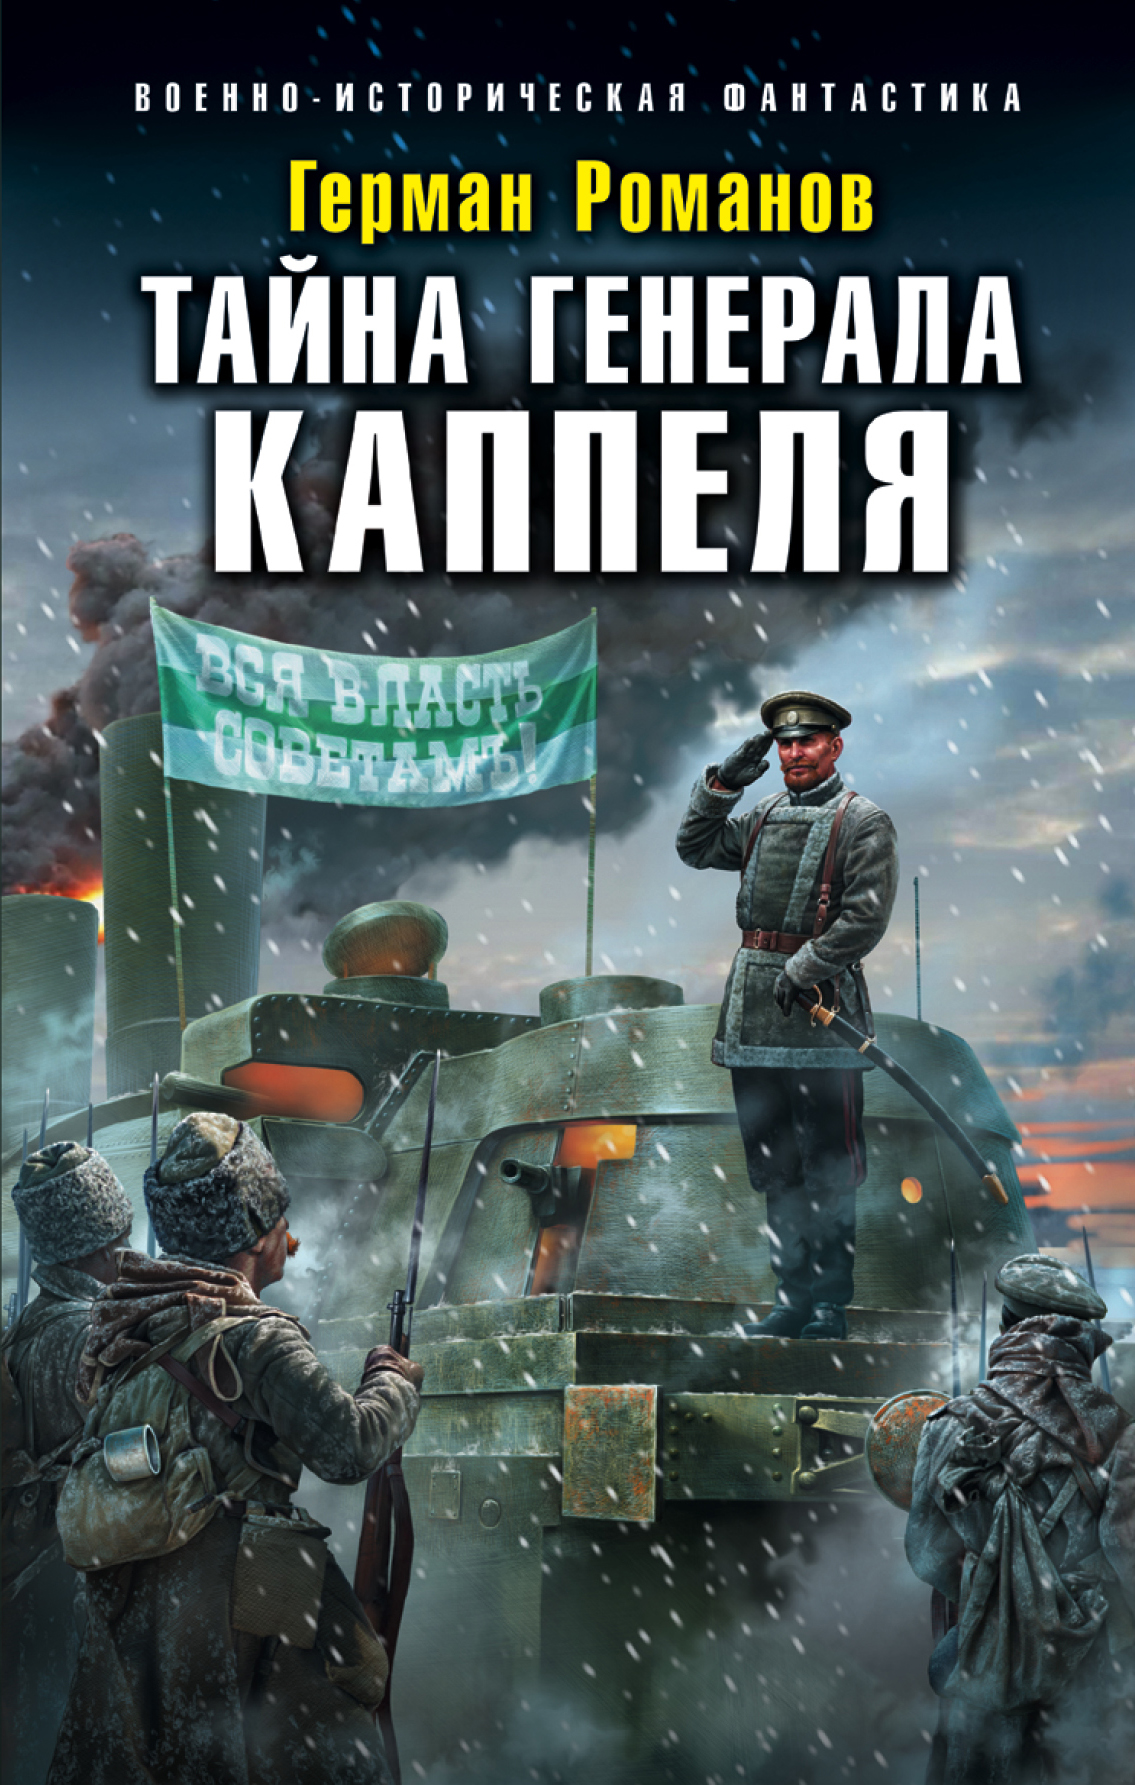 Тайна генерала Каппеля